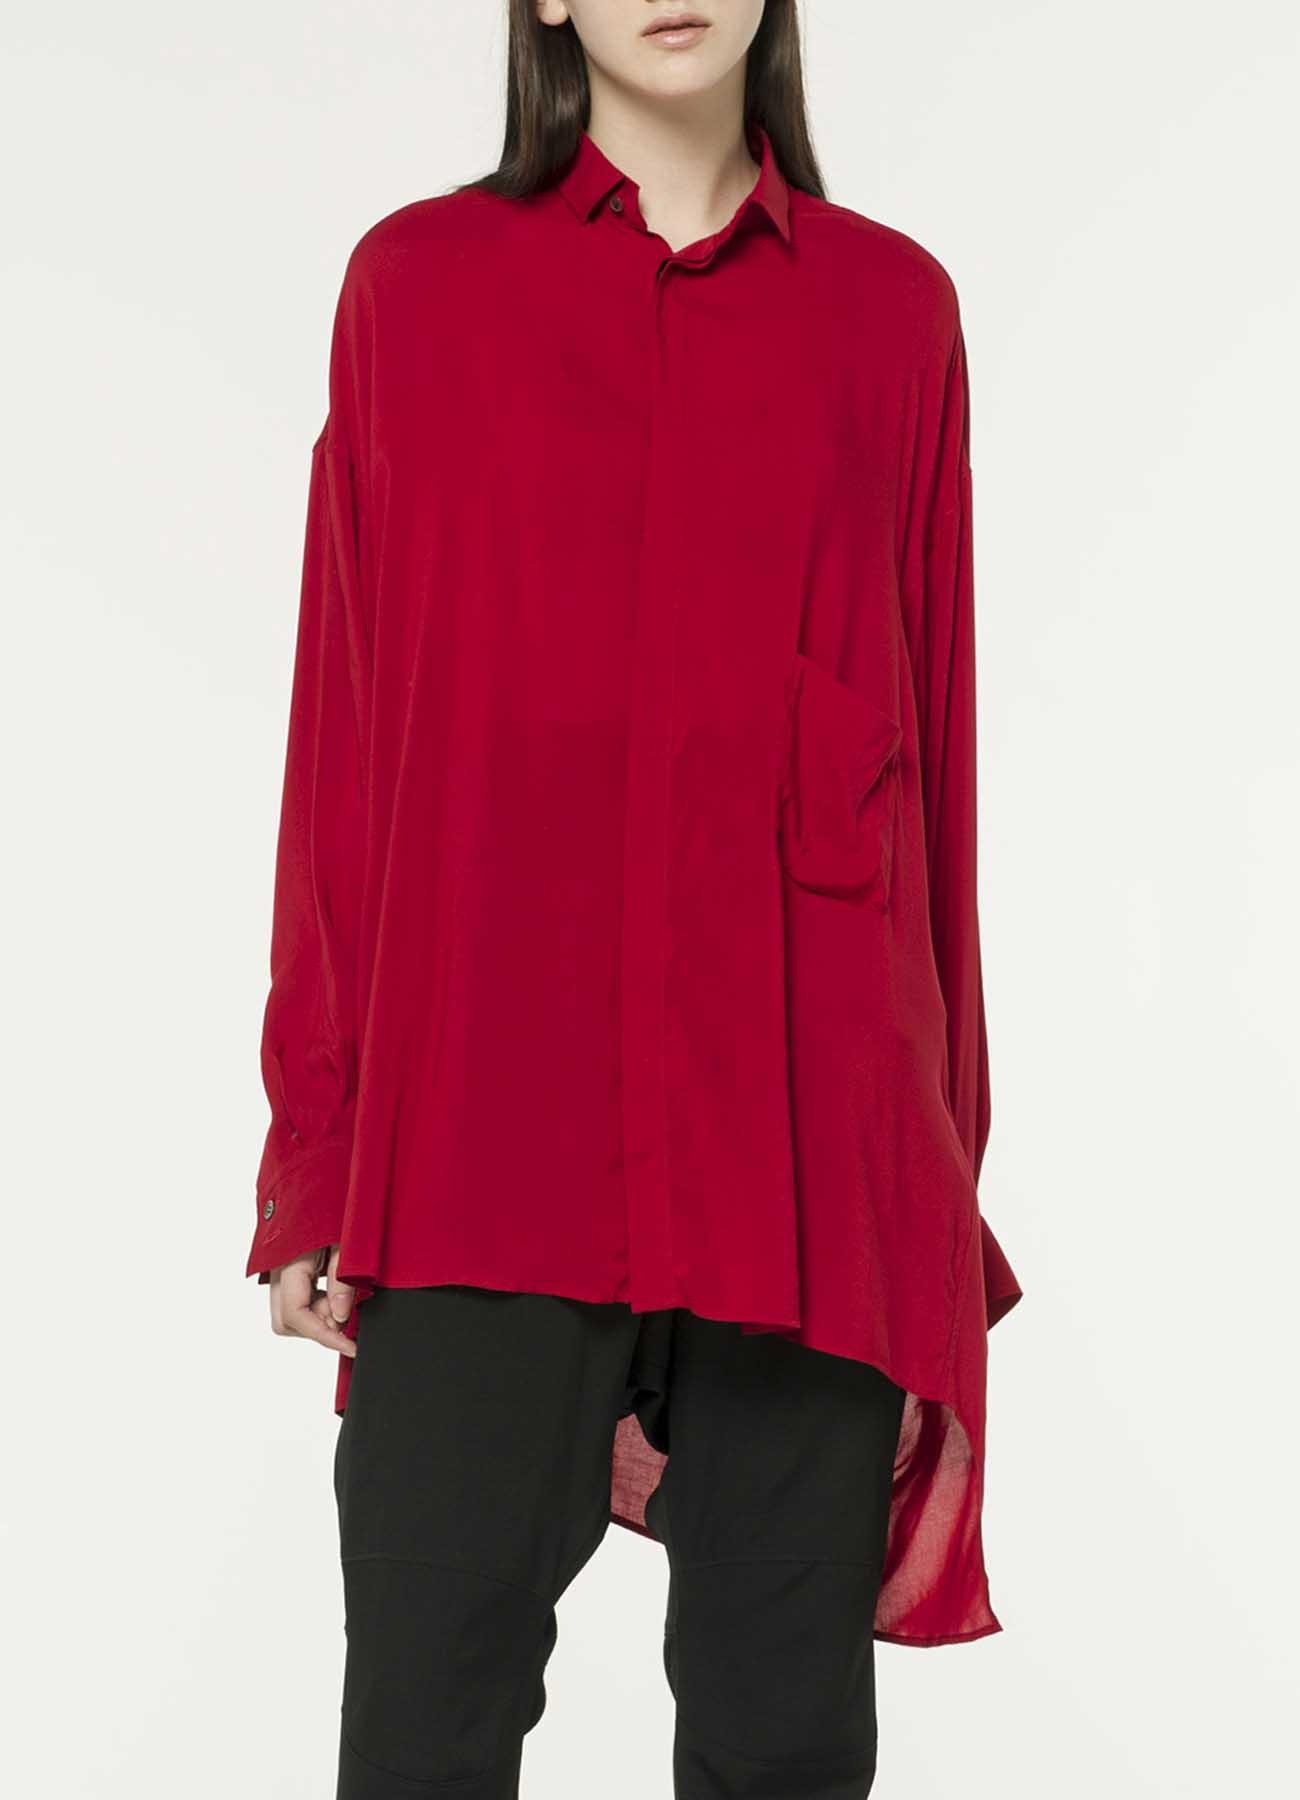 人造短纤维上等细平布红 后Tawami衬衫